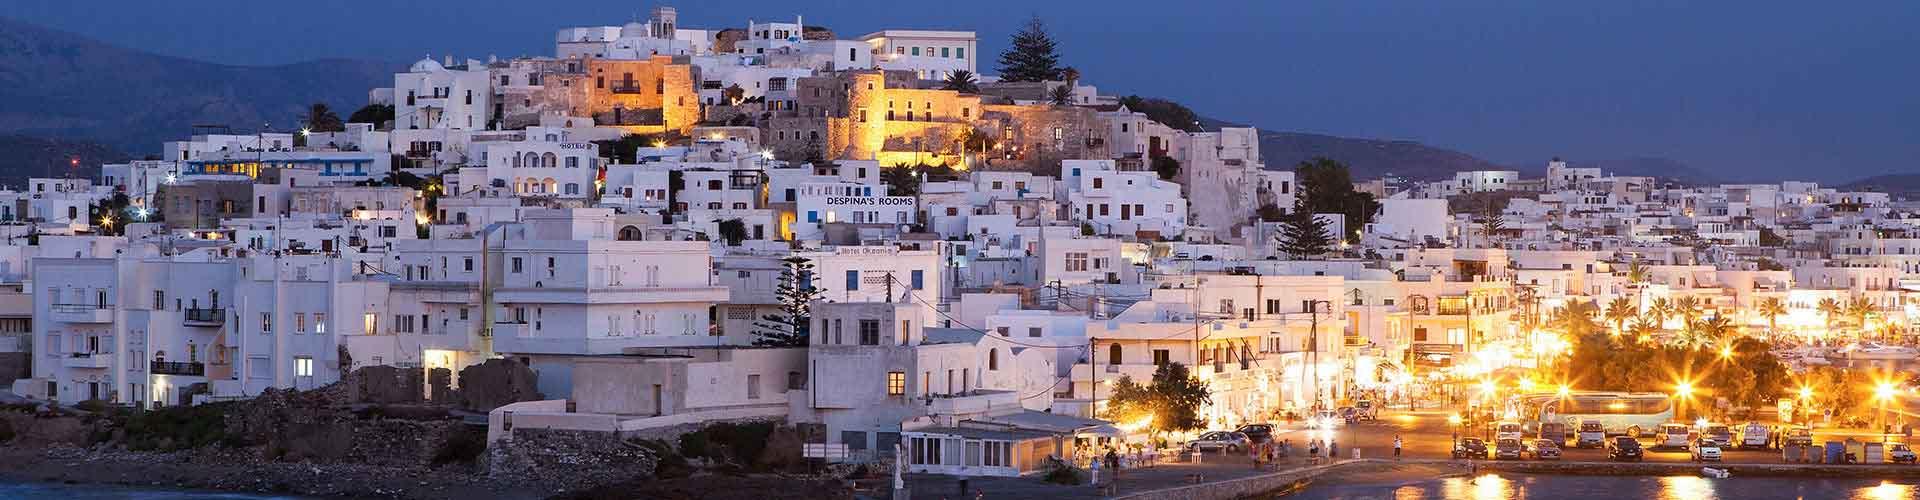 Île de Naxos - Camping à Île de Naxos. Cartes pour Île de Naxos, photos et commentaires pour chaque Camping à Île de Naxos.